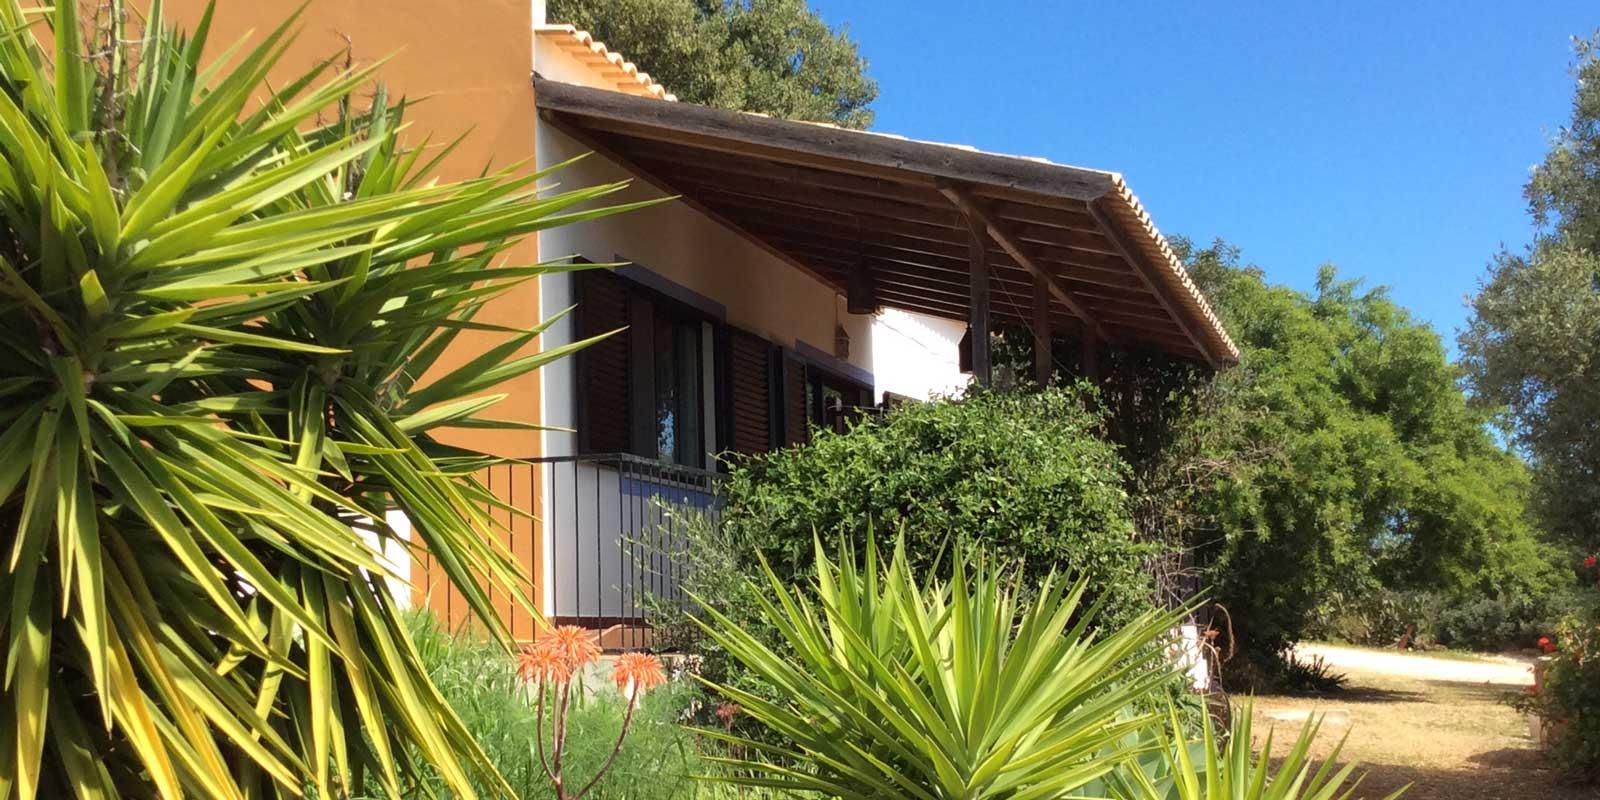 Huis met Portugese planten